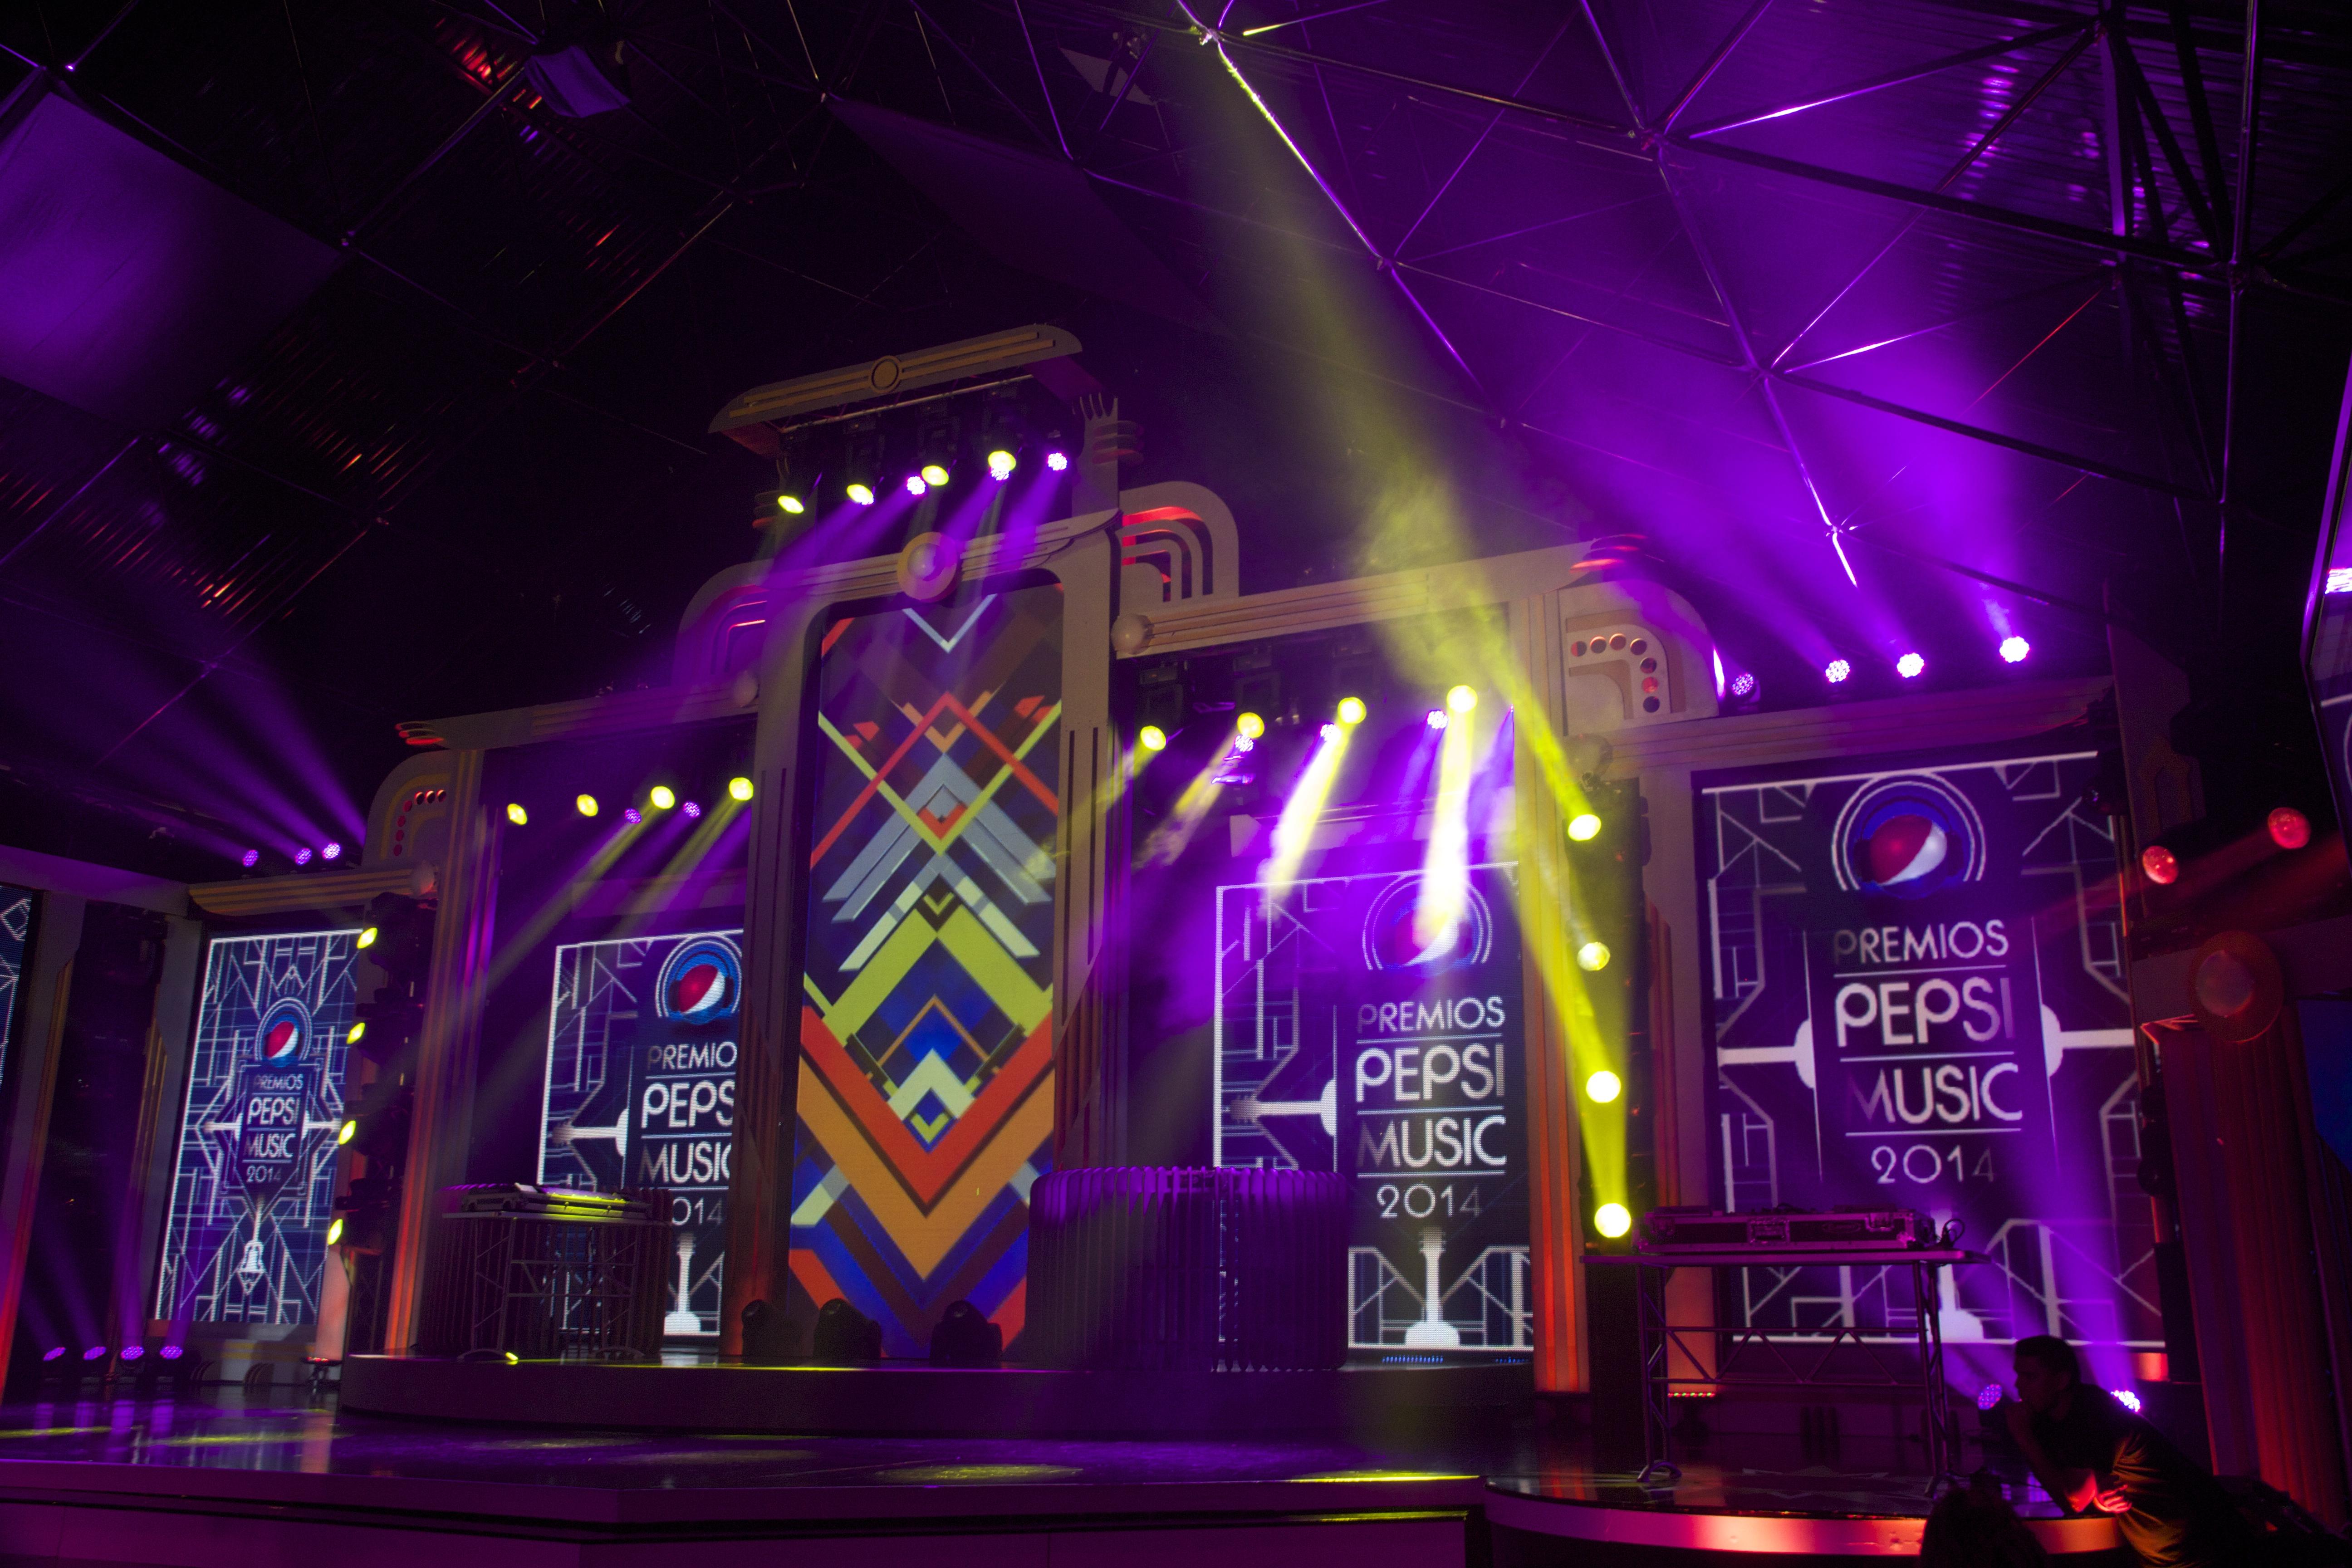 PREMIOS PEPSI MUSIC 2014